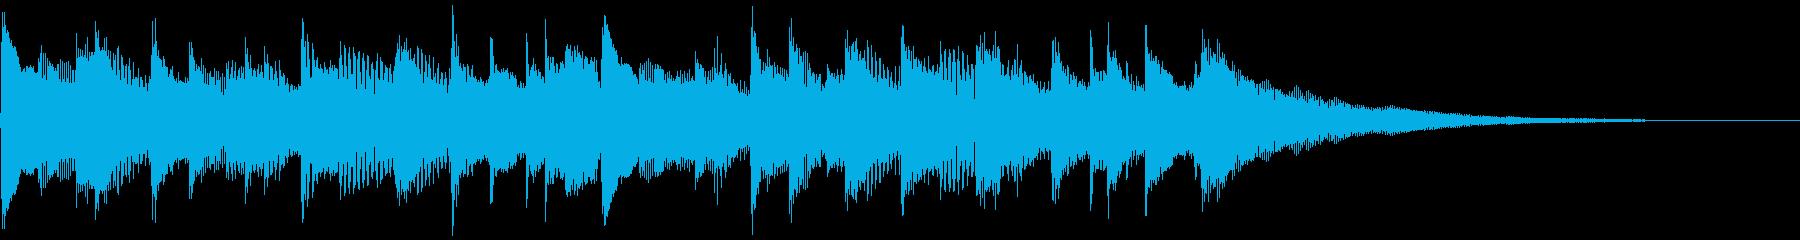 アコギの穏やかで感動的なCM曲G/15秒の再生済みの波形